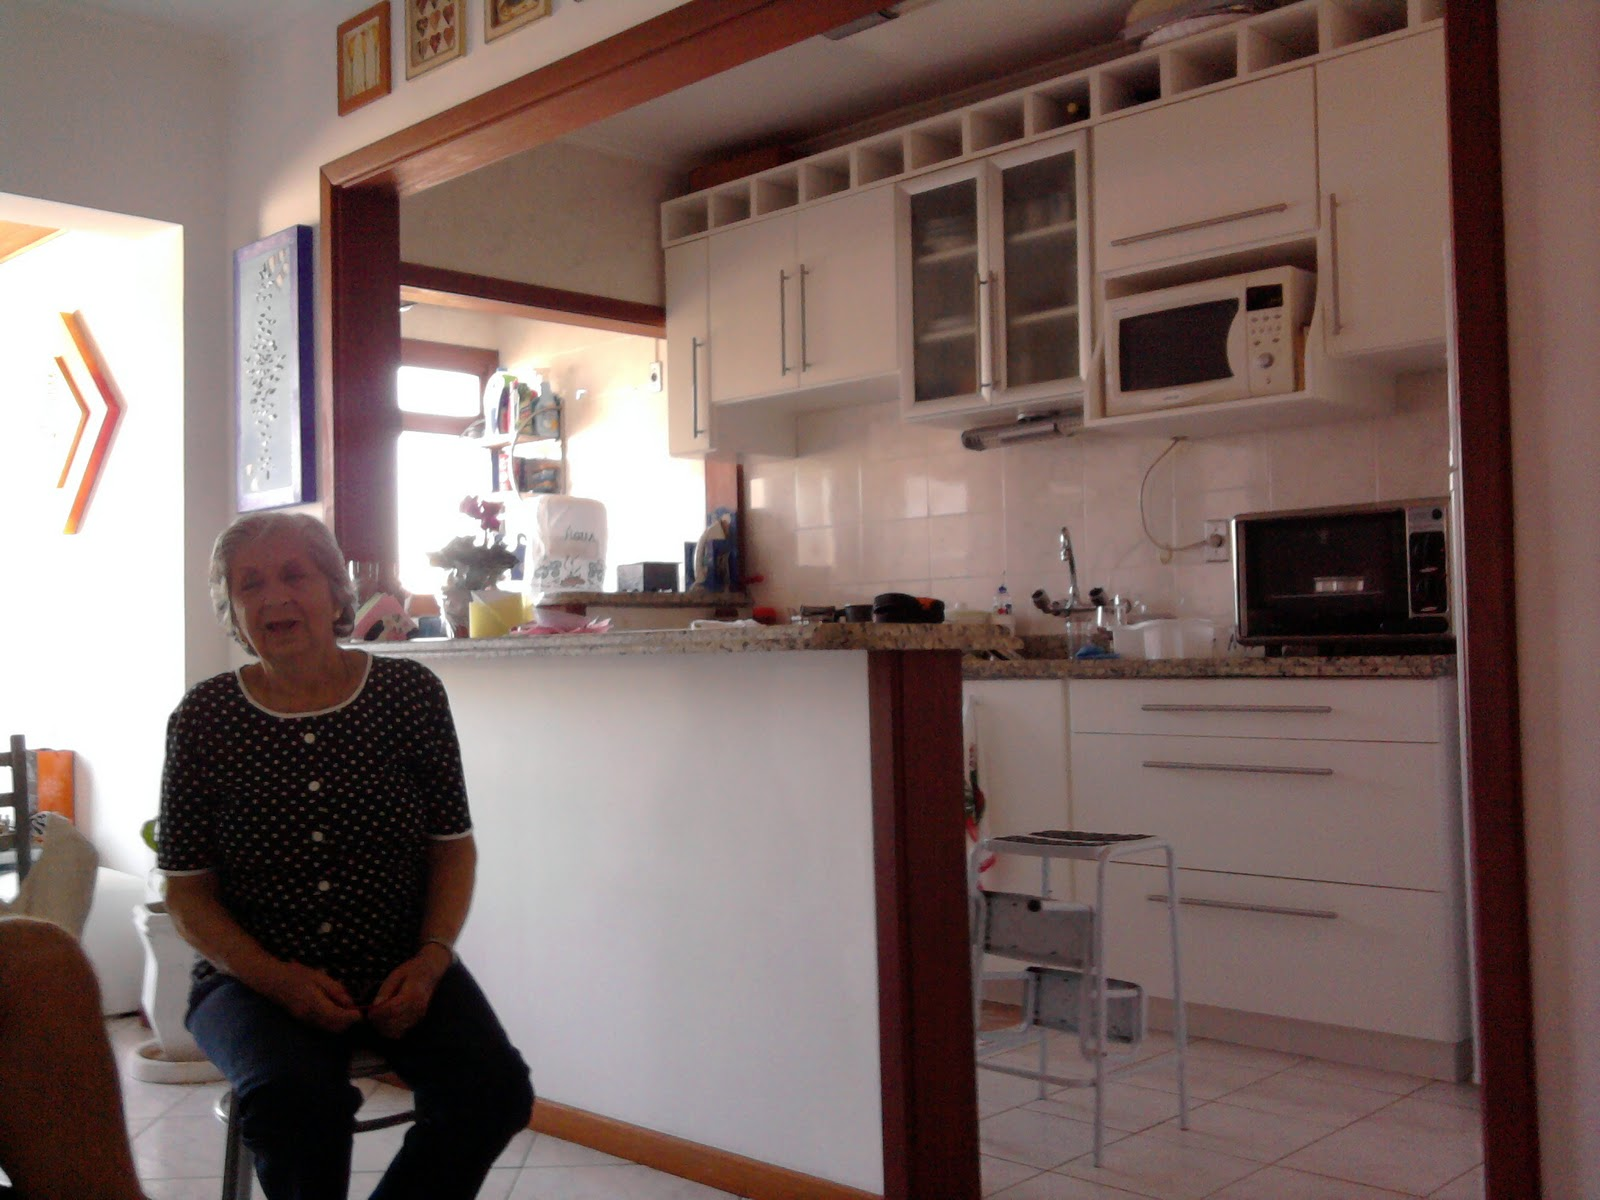 Wibamp Com Cozinha Americana Top Id Ias Do Projeto Da Cozinha